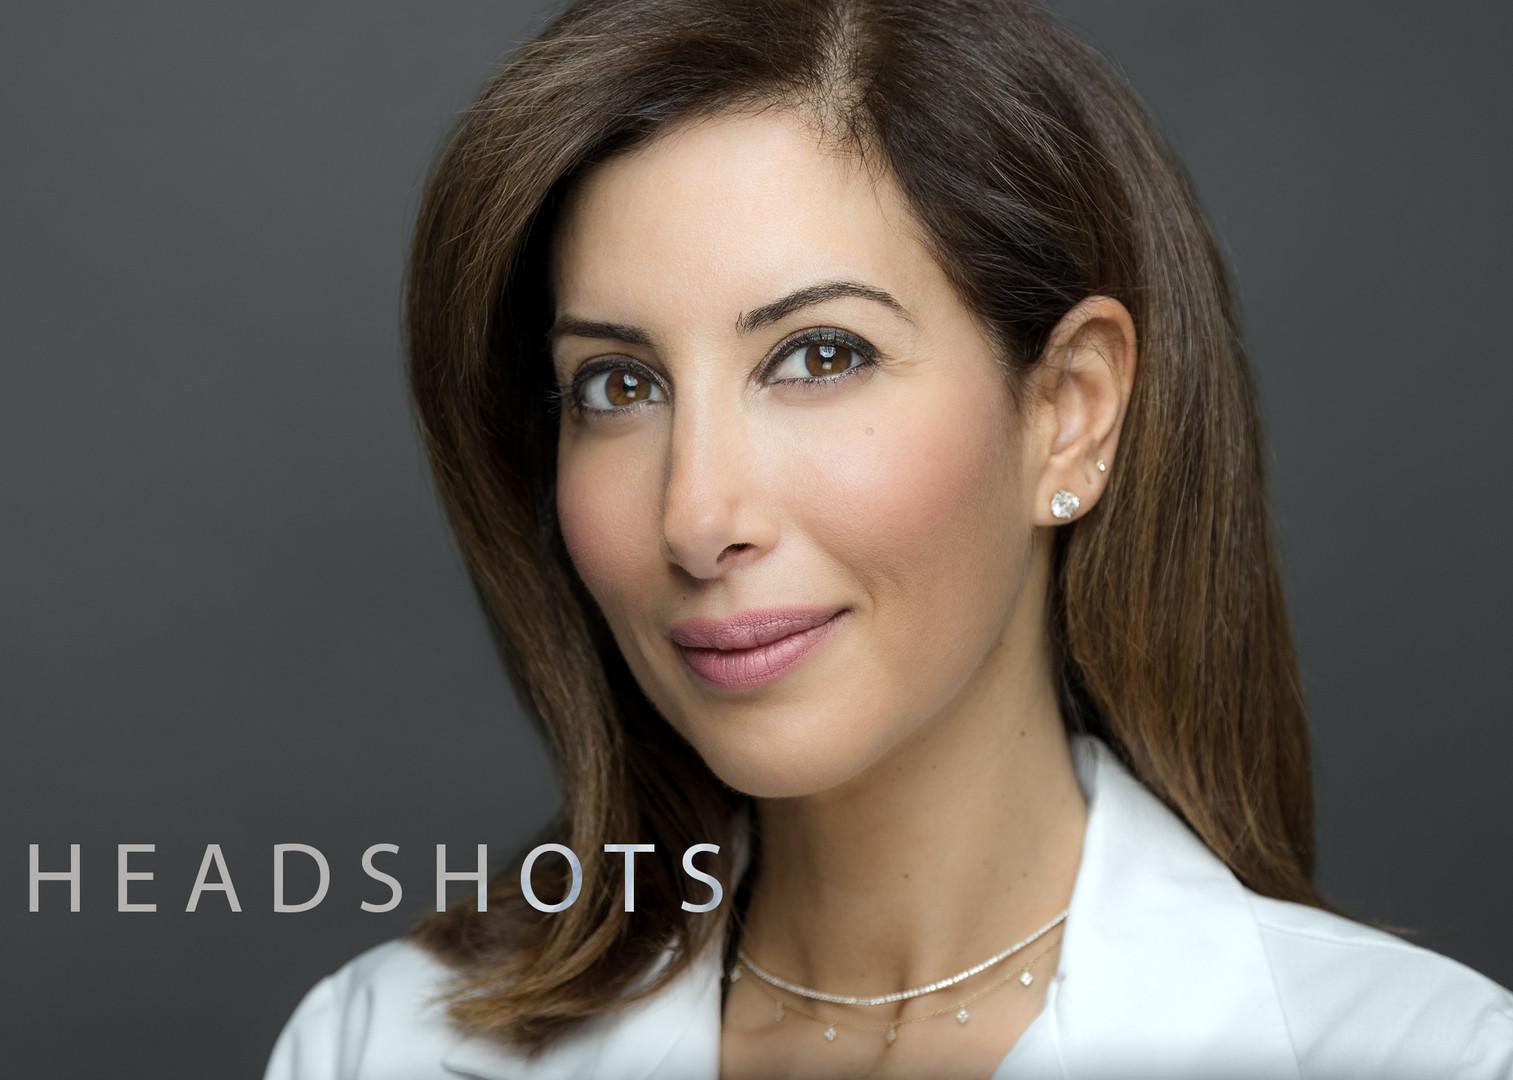 Cleveland Headshot Photographer.jpg